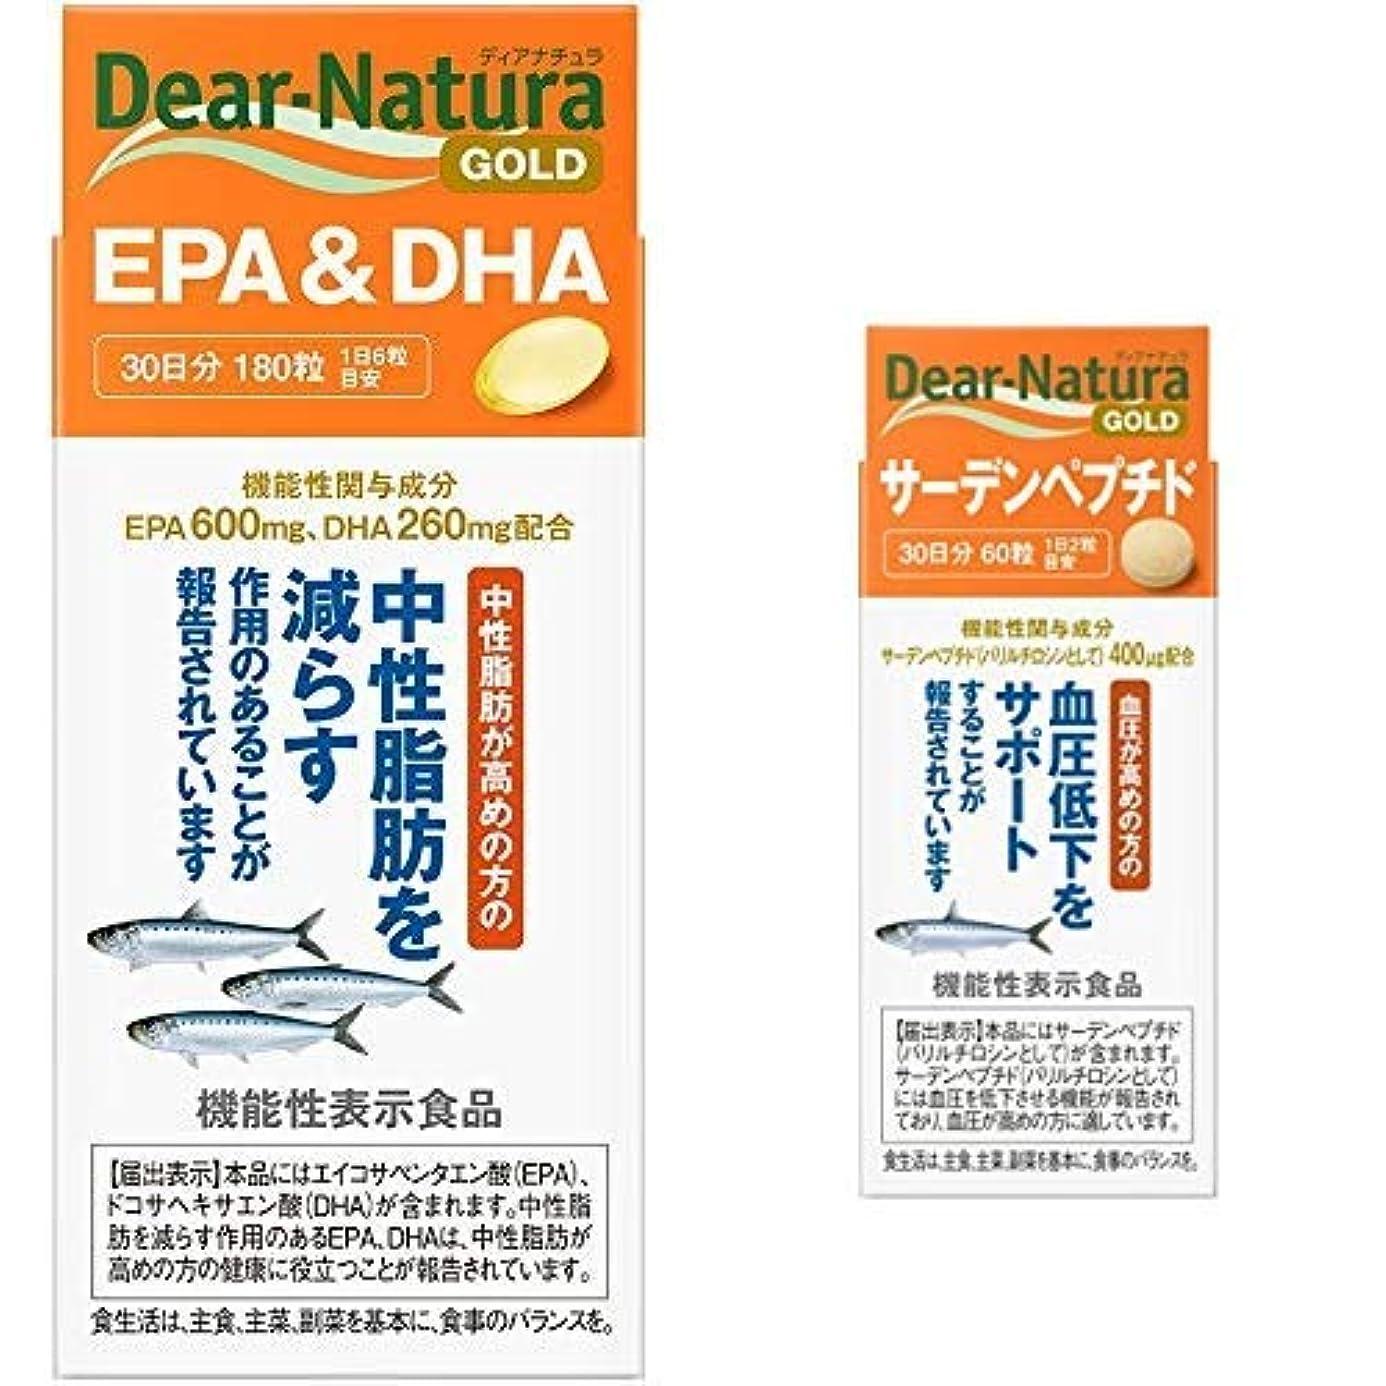 樹皮銛評判【セット買い】ディアナチュラゴールド EPA&DHA 30日分 [機能性表示食品] & サーデンペプチド 30日分 [機能性表示食品]